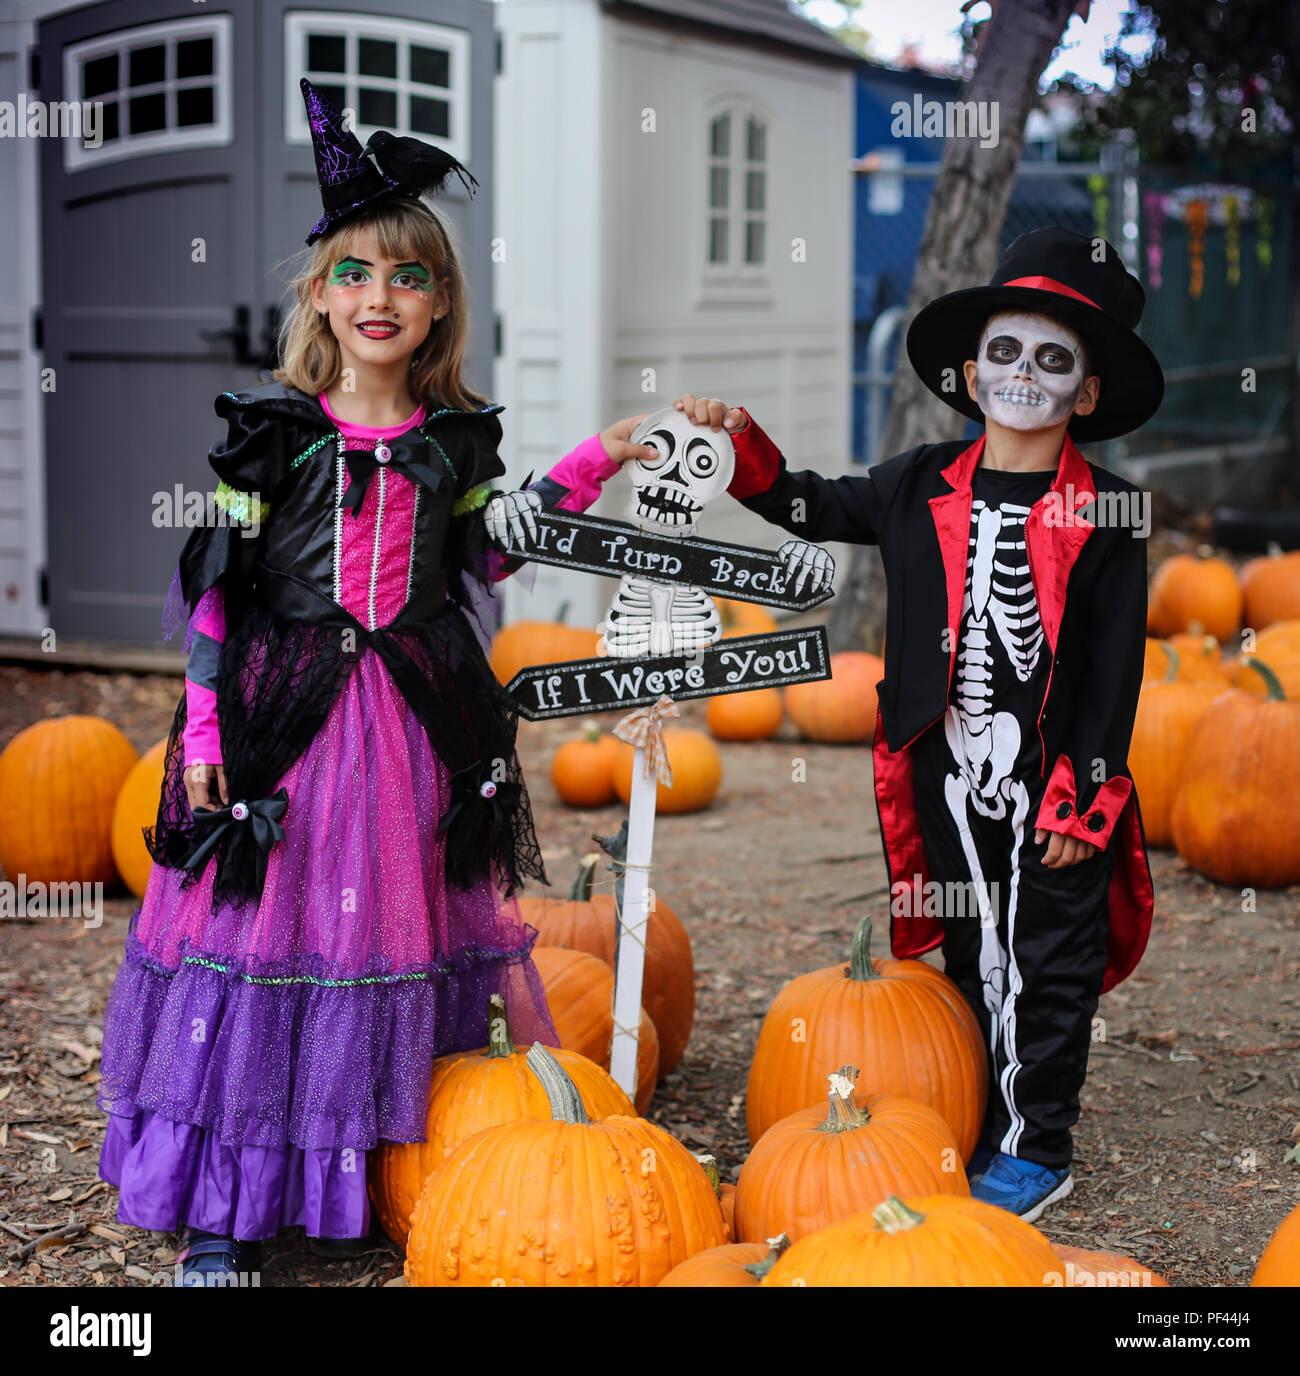 Halloween kids, Trick-or-treat. Kinder trägt Kostüm von Skelett und Hexe für Halloween Trick-or-Treaten Partei Stockbild